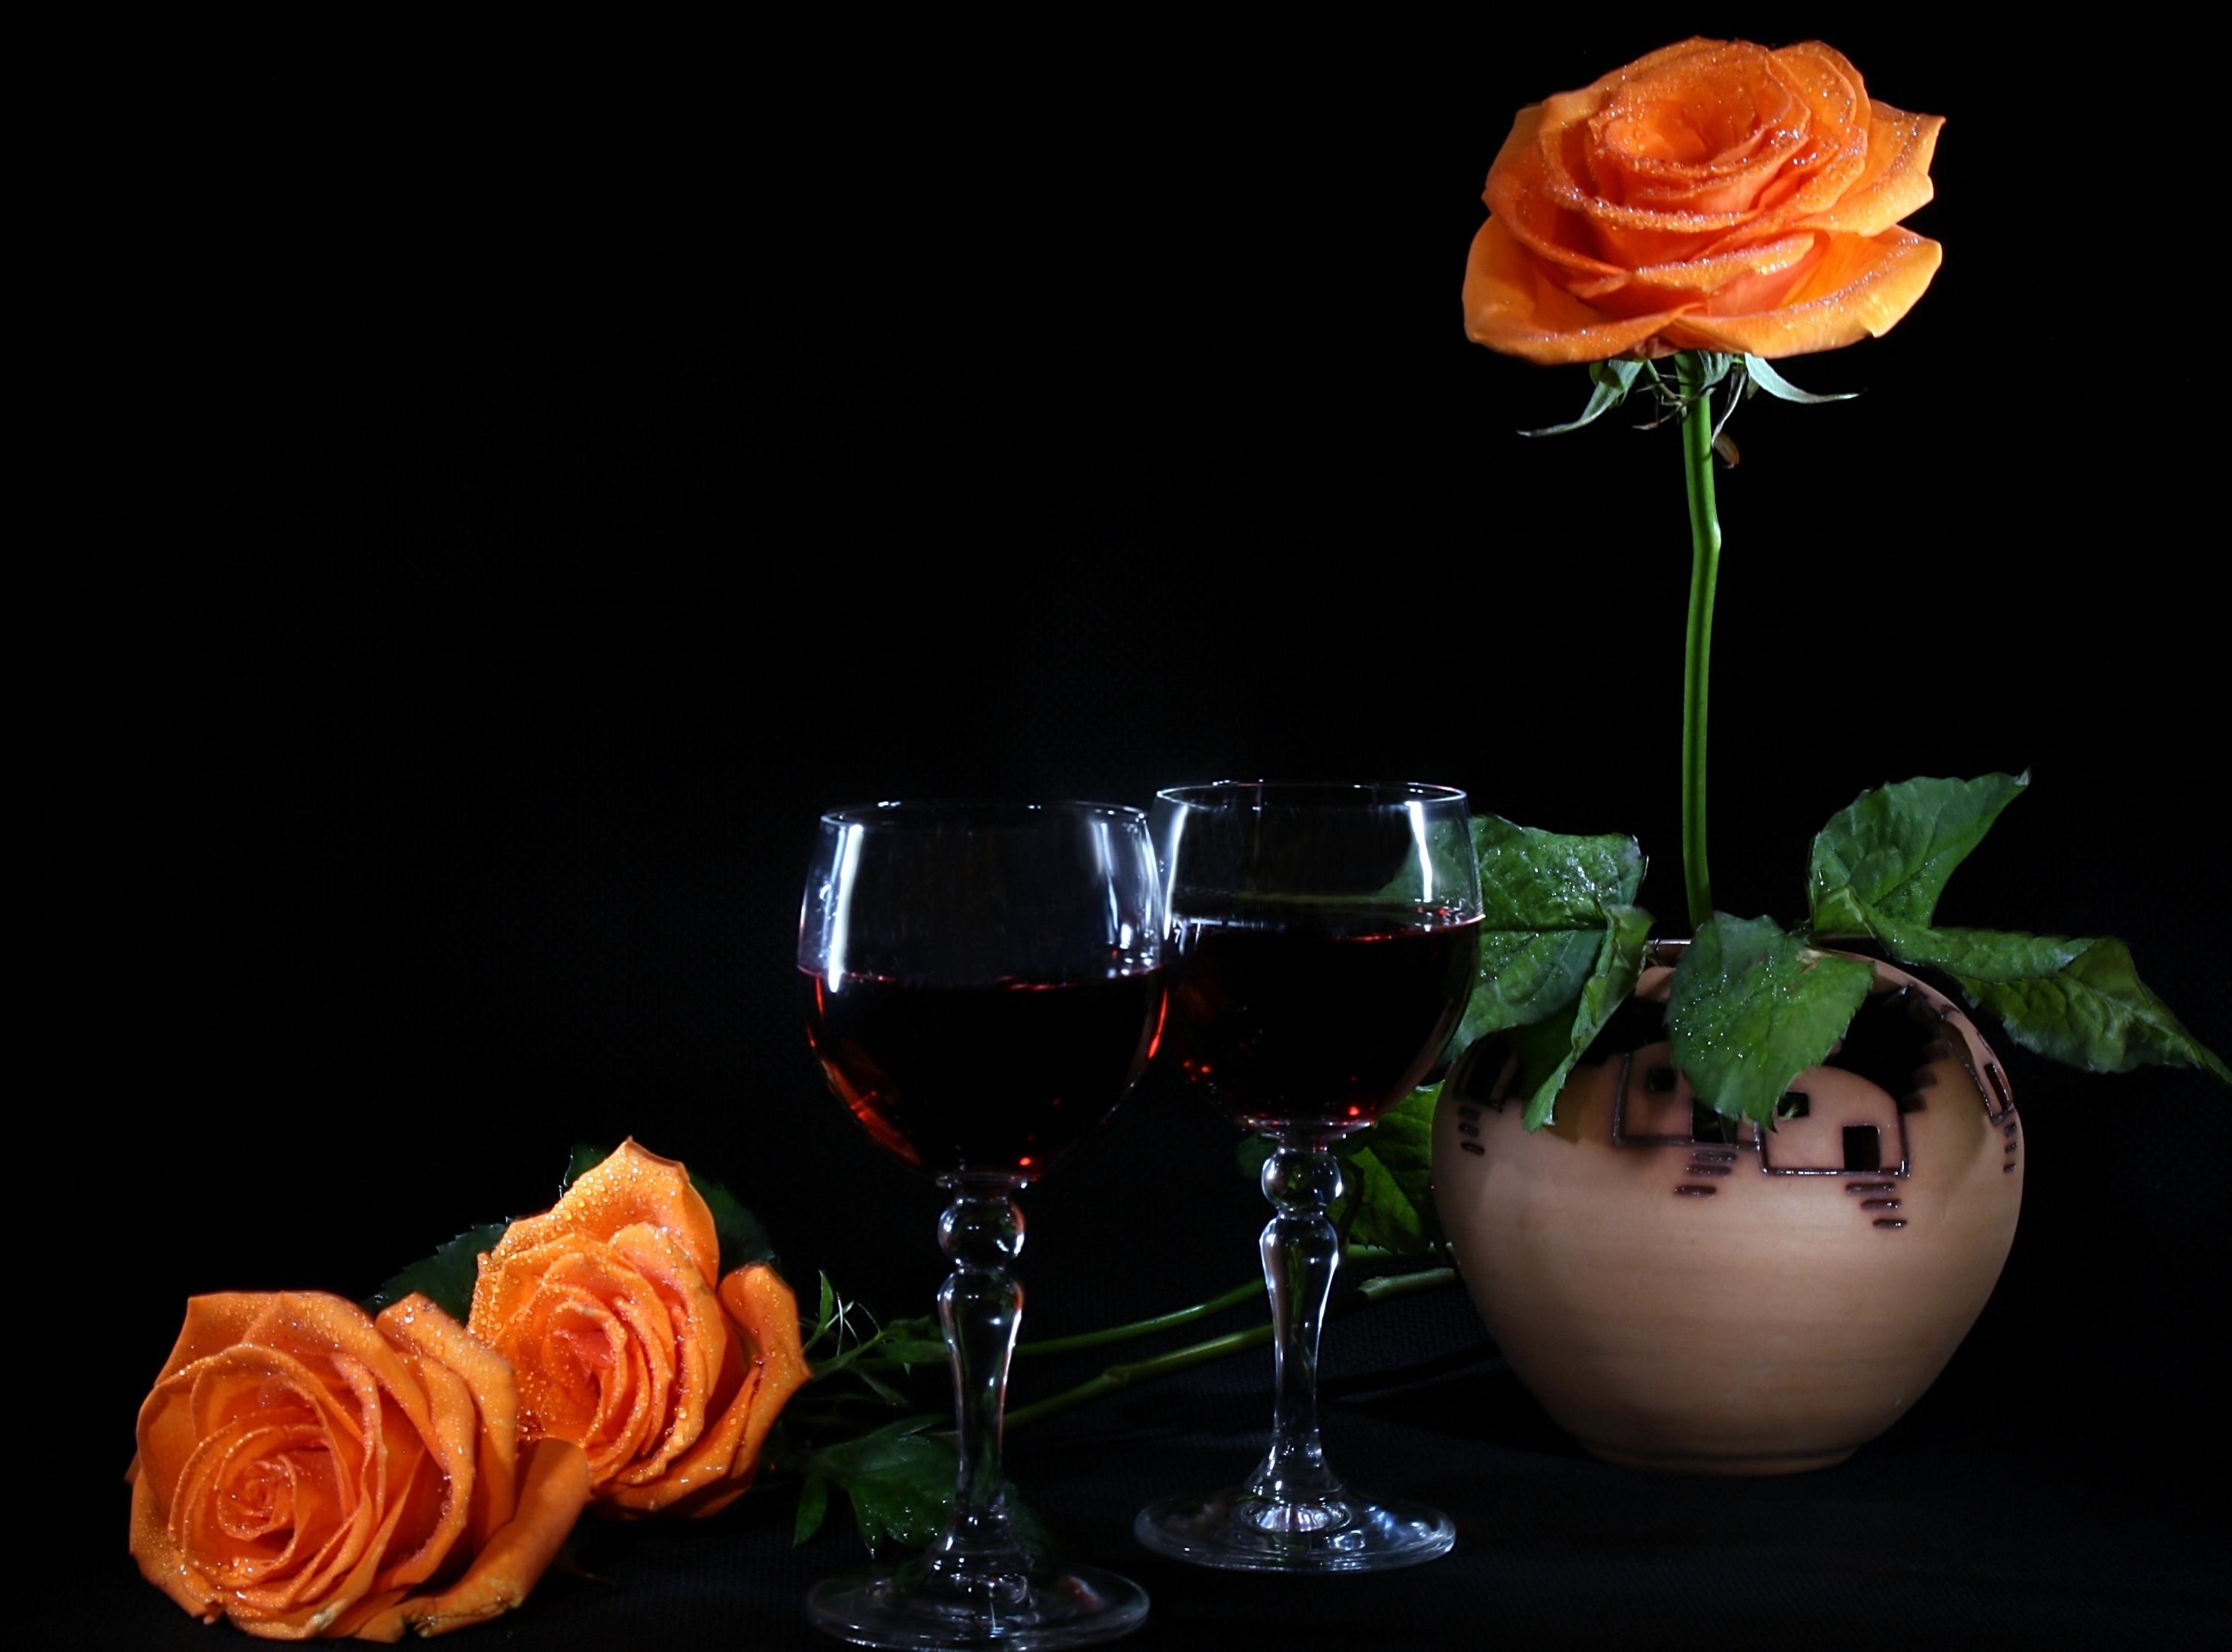 Два бокала с розами  № 750267  скачать